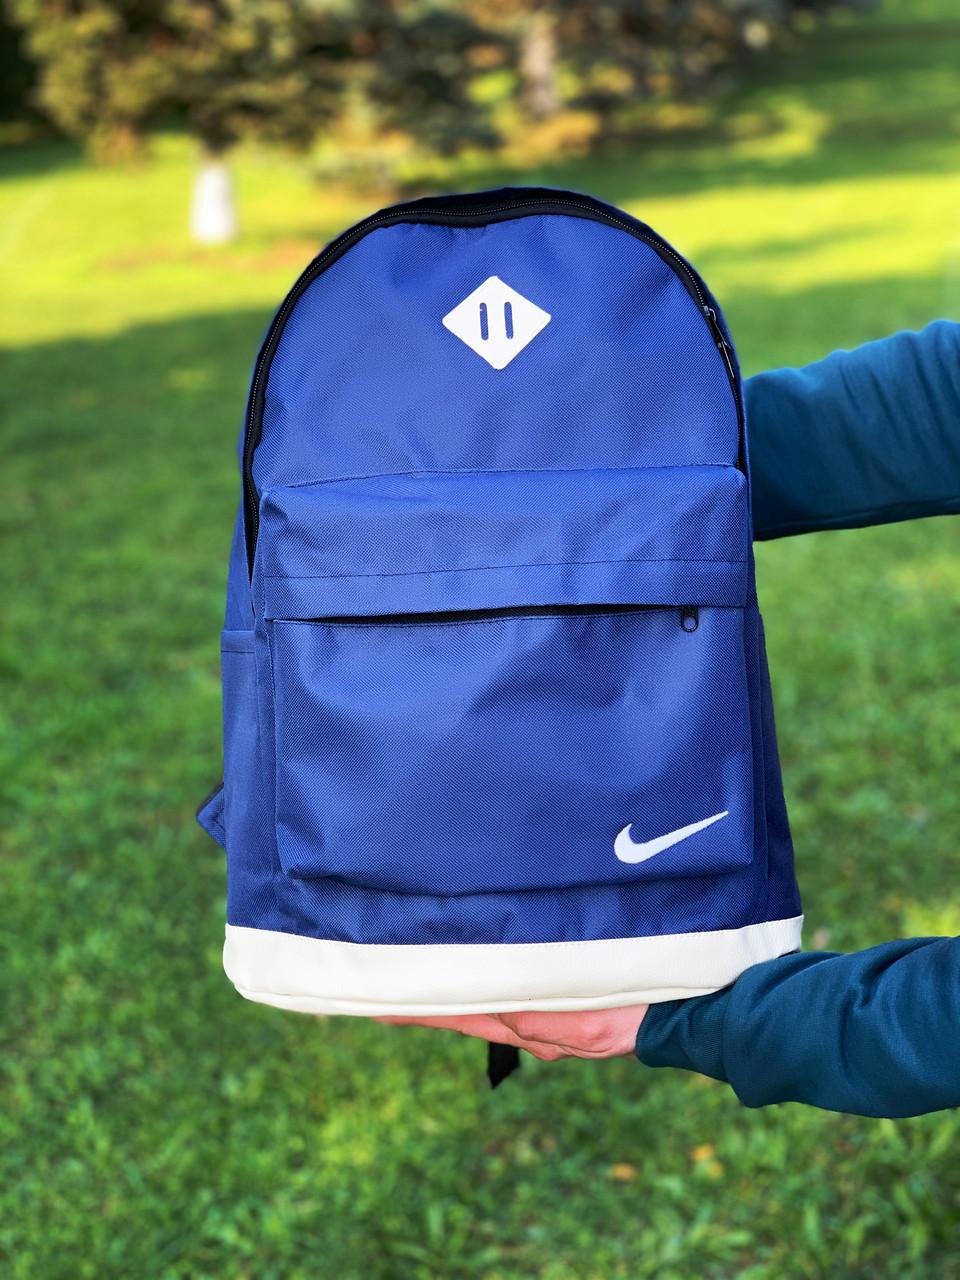 Рюкзак городской мужской, женский, Nike (Найк) Синий Реплика Логотип Белый